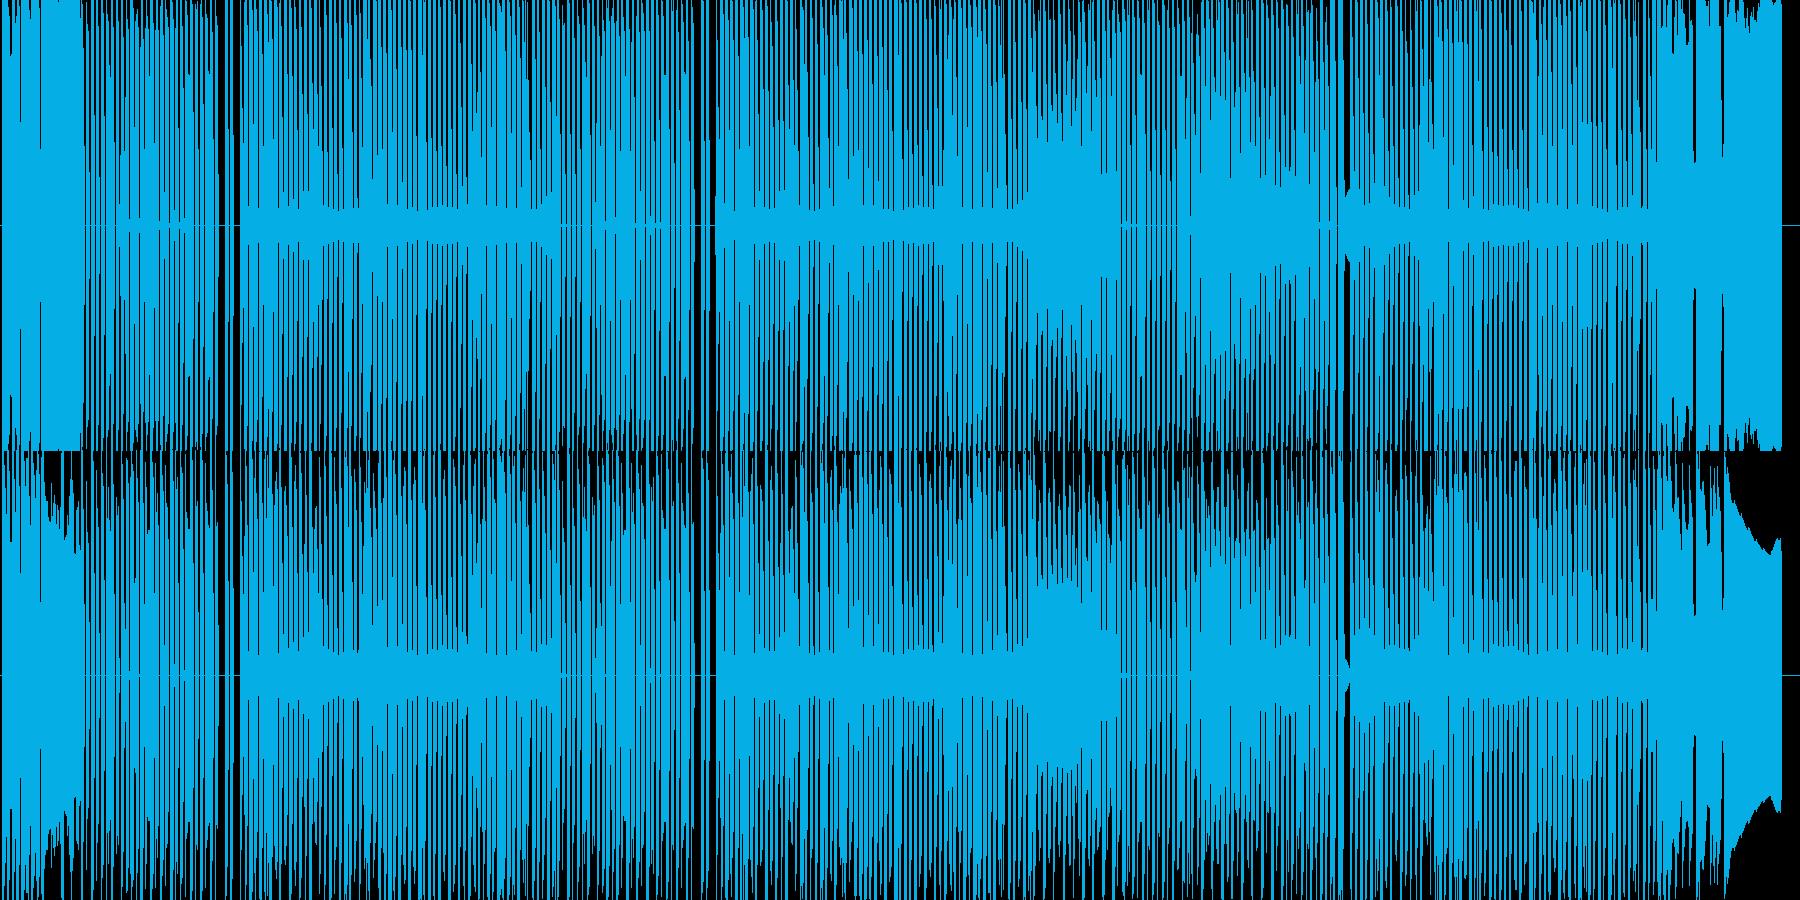 ファミコン和風アクションチップチューンの再生済みの波形